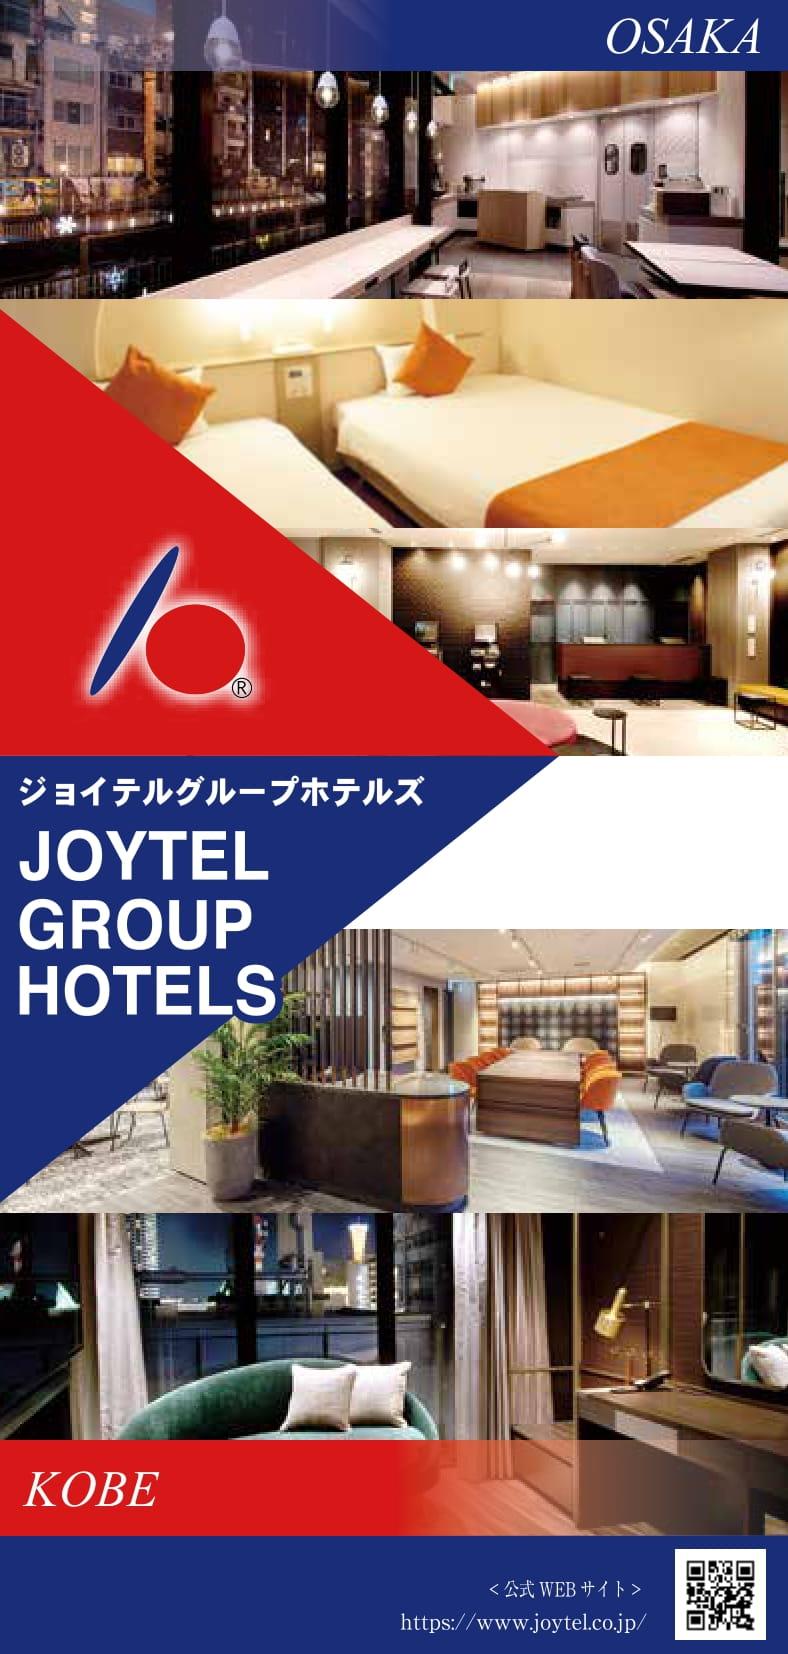 ジョイテルグループホテルズ総合パンフレット